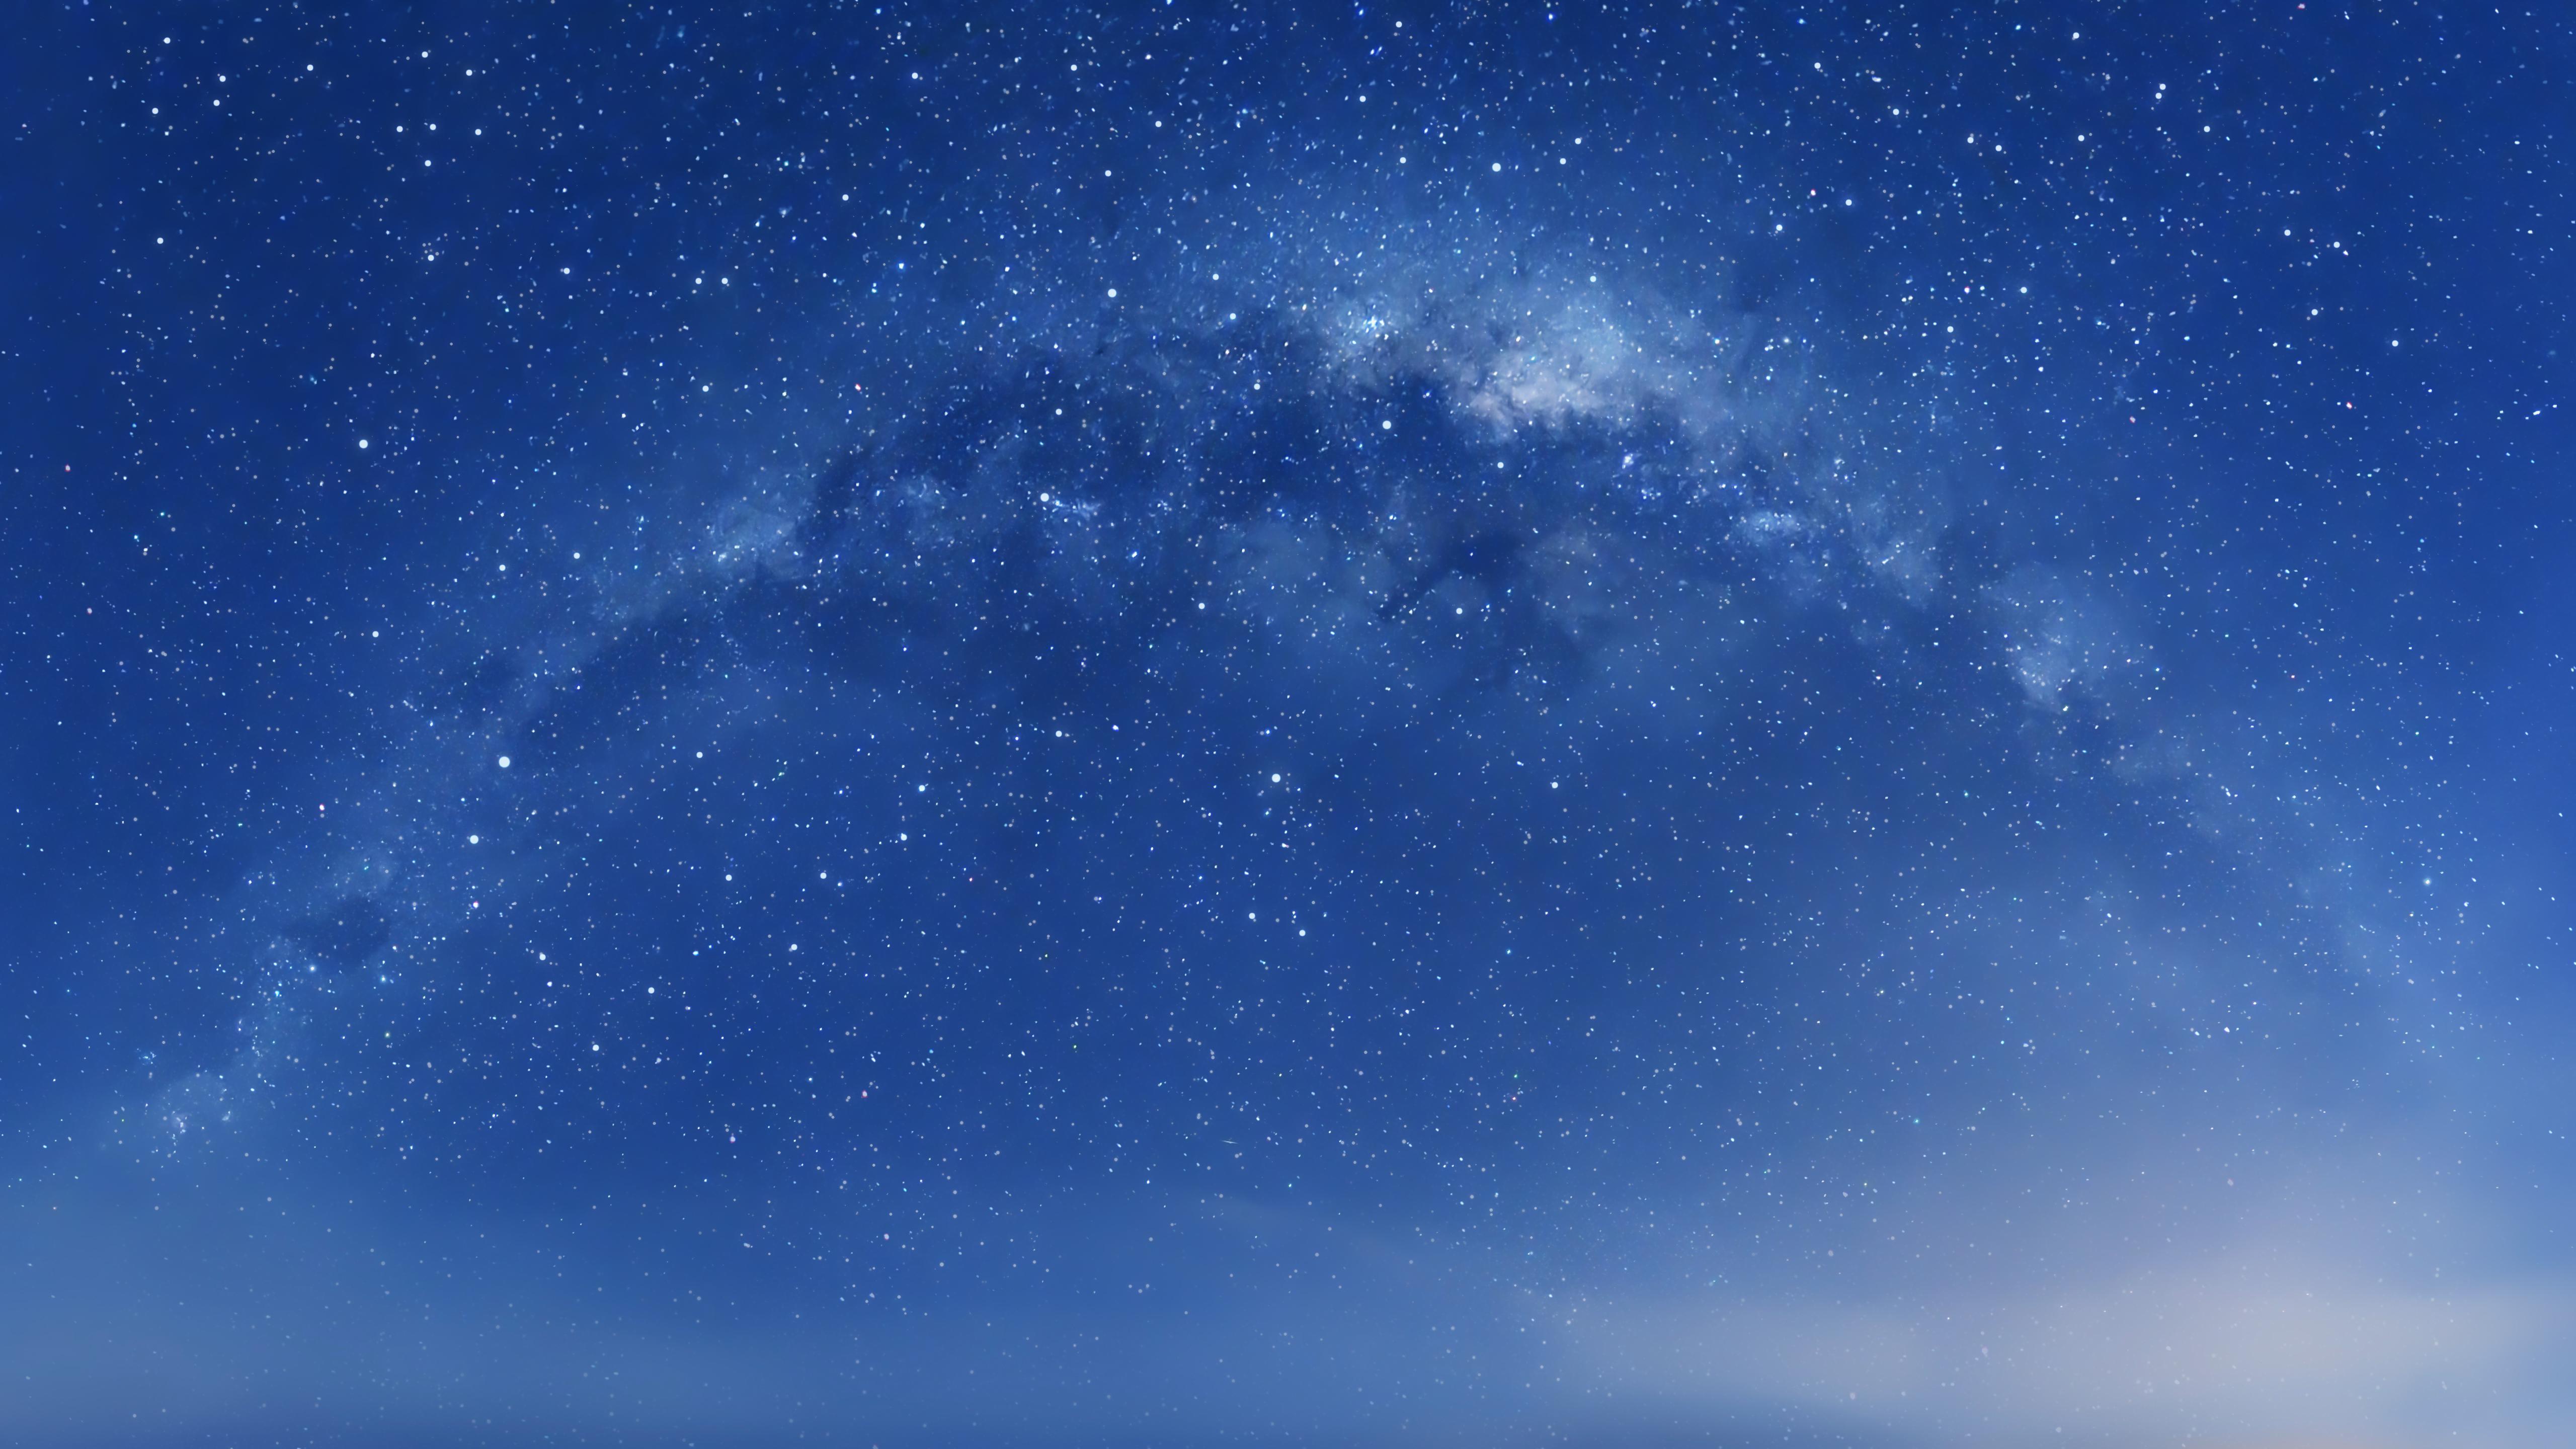 Starry sky, Starry sky